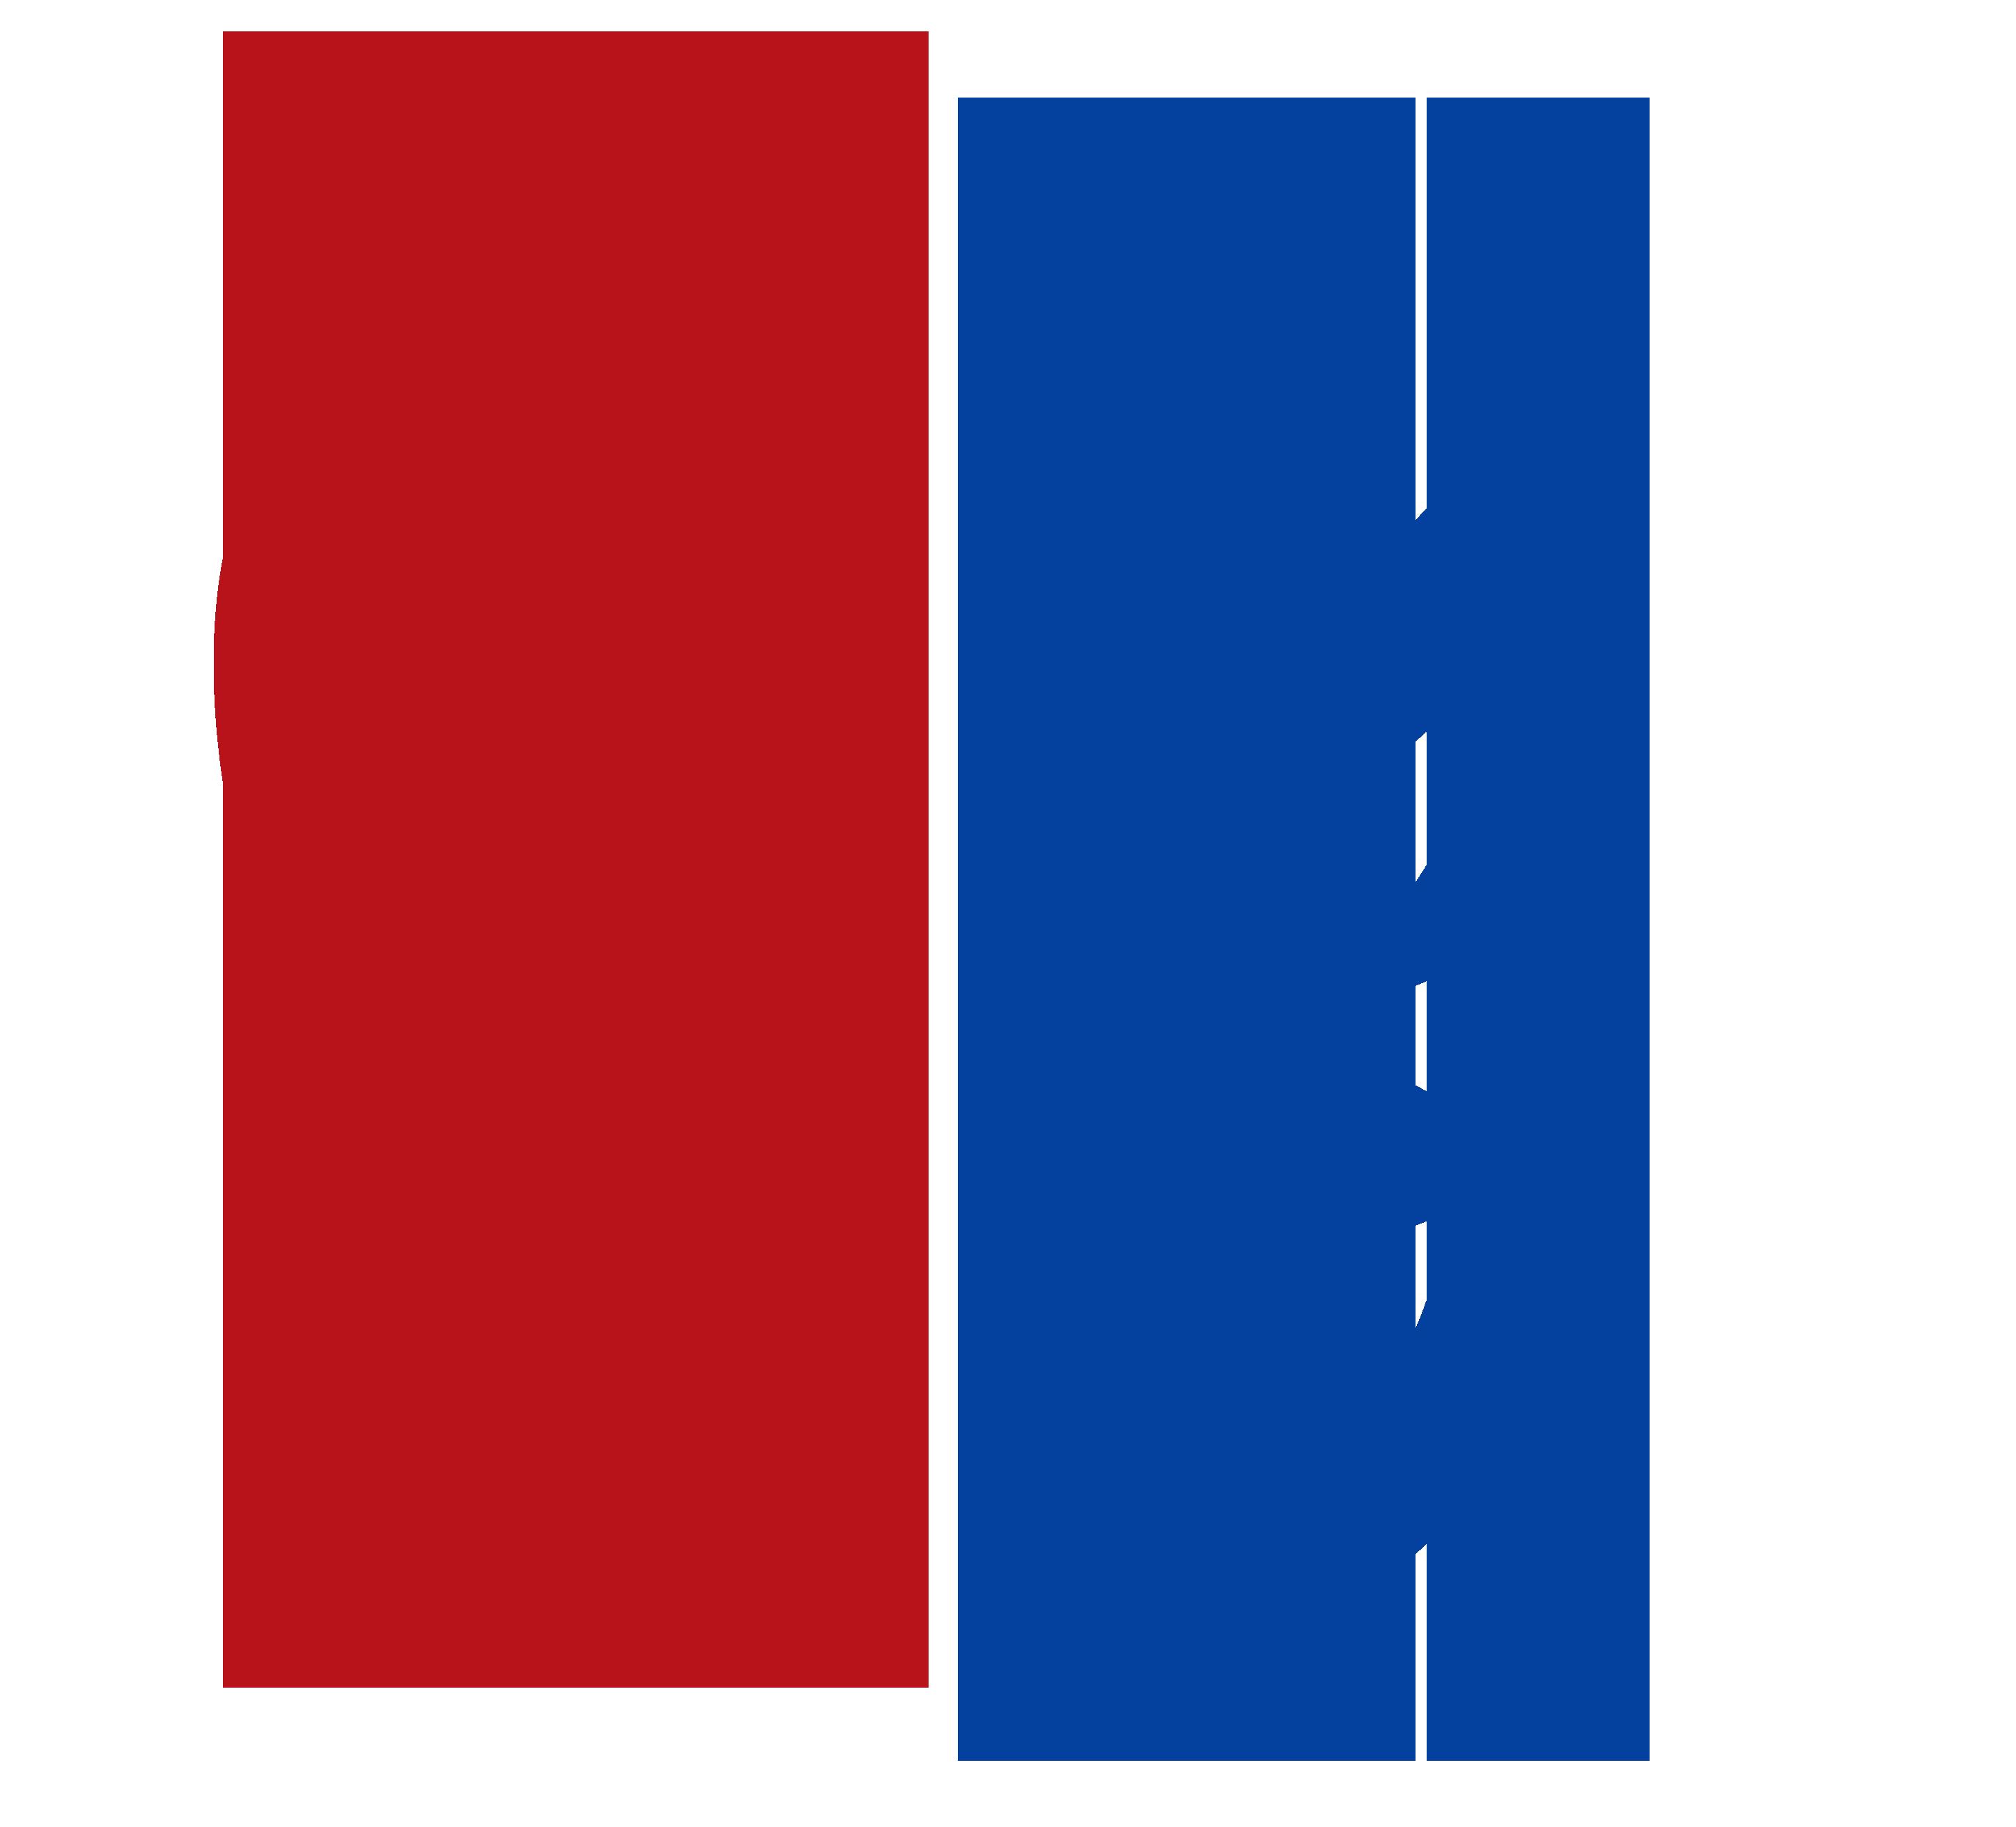 kamen rider para dx logo by raidenzein on deviantart kamen rider para dx logo by raidenzein